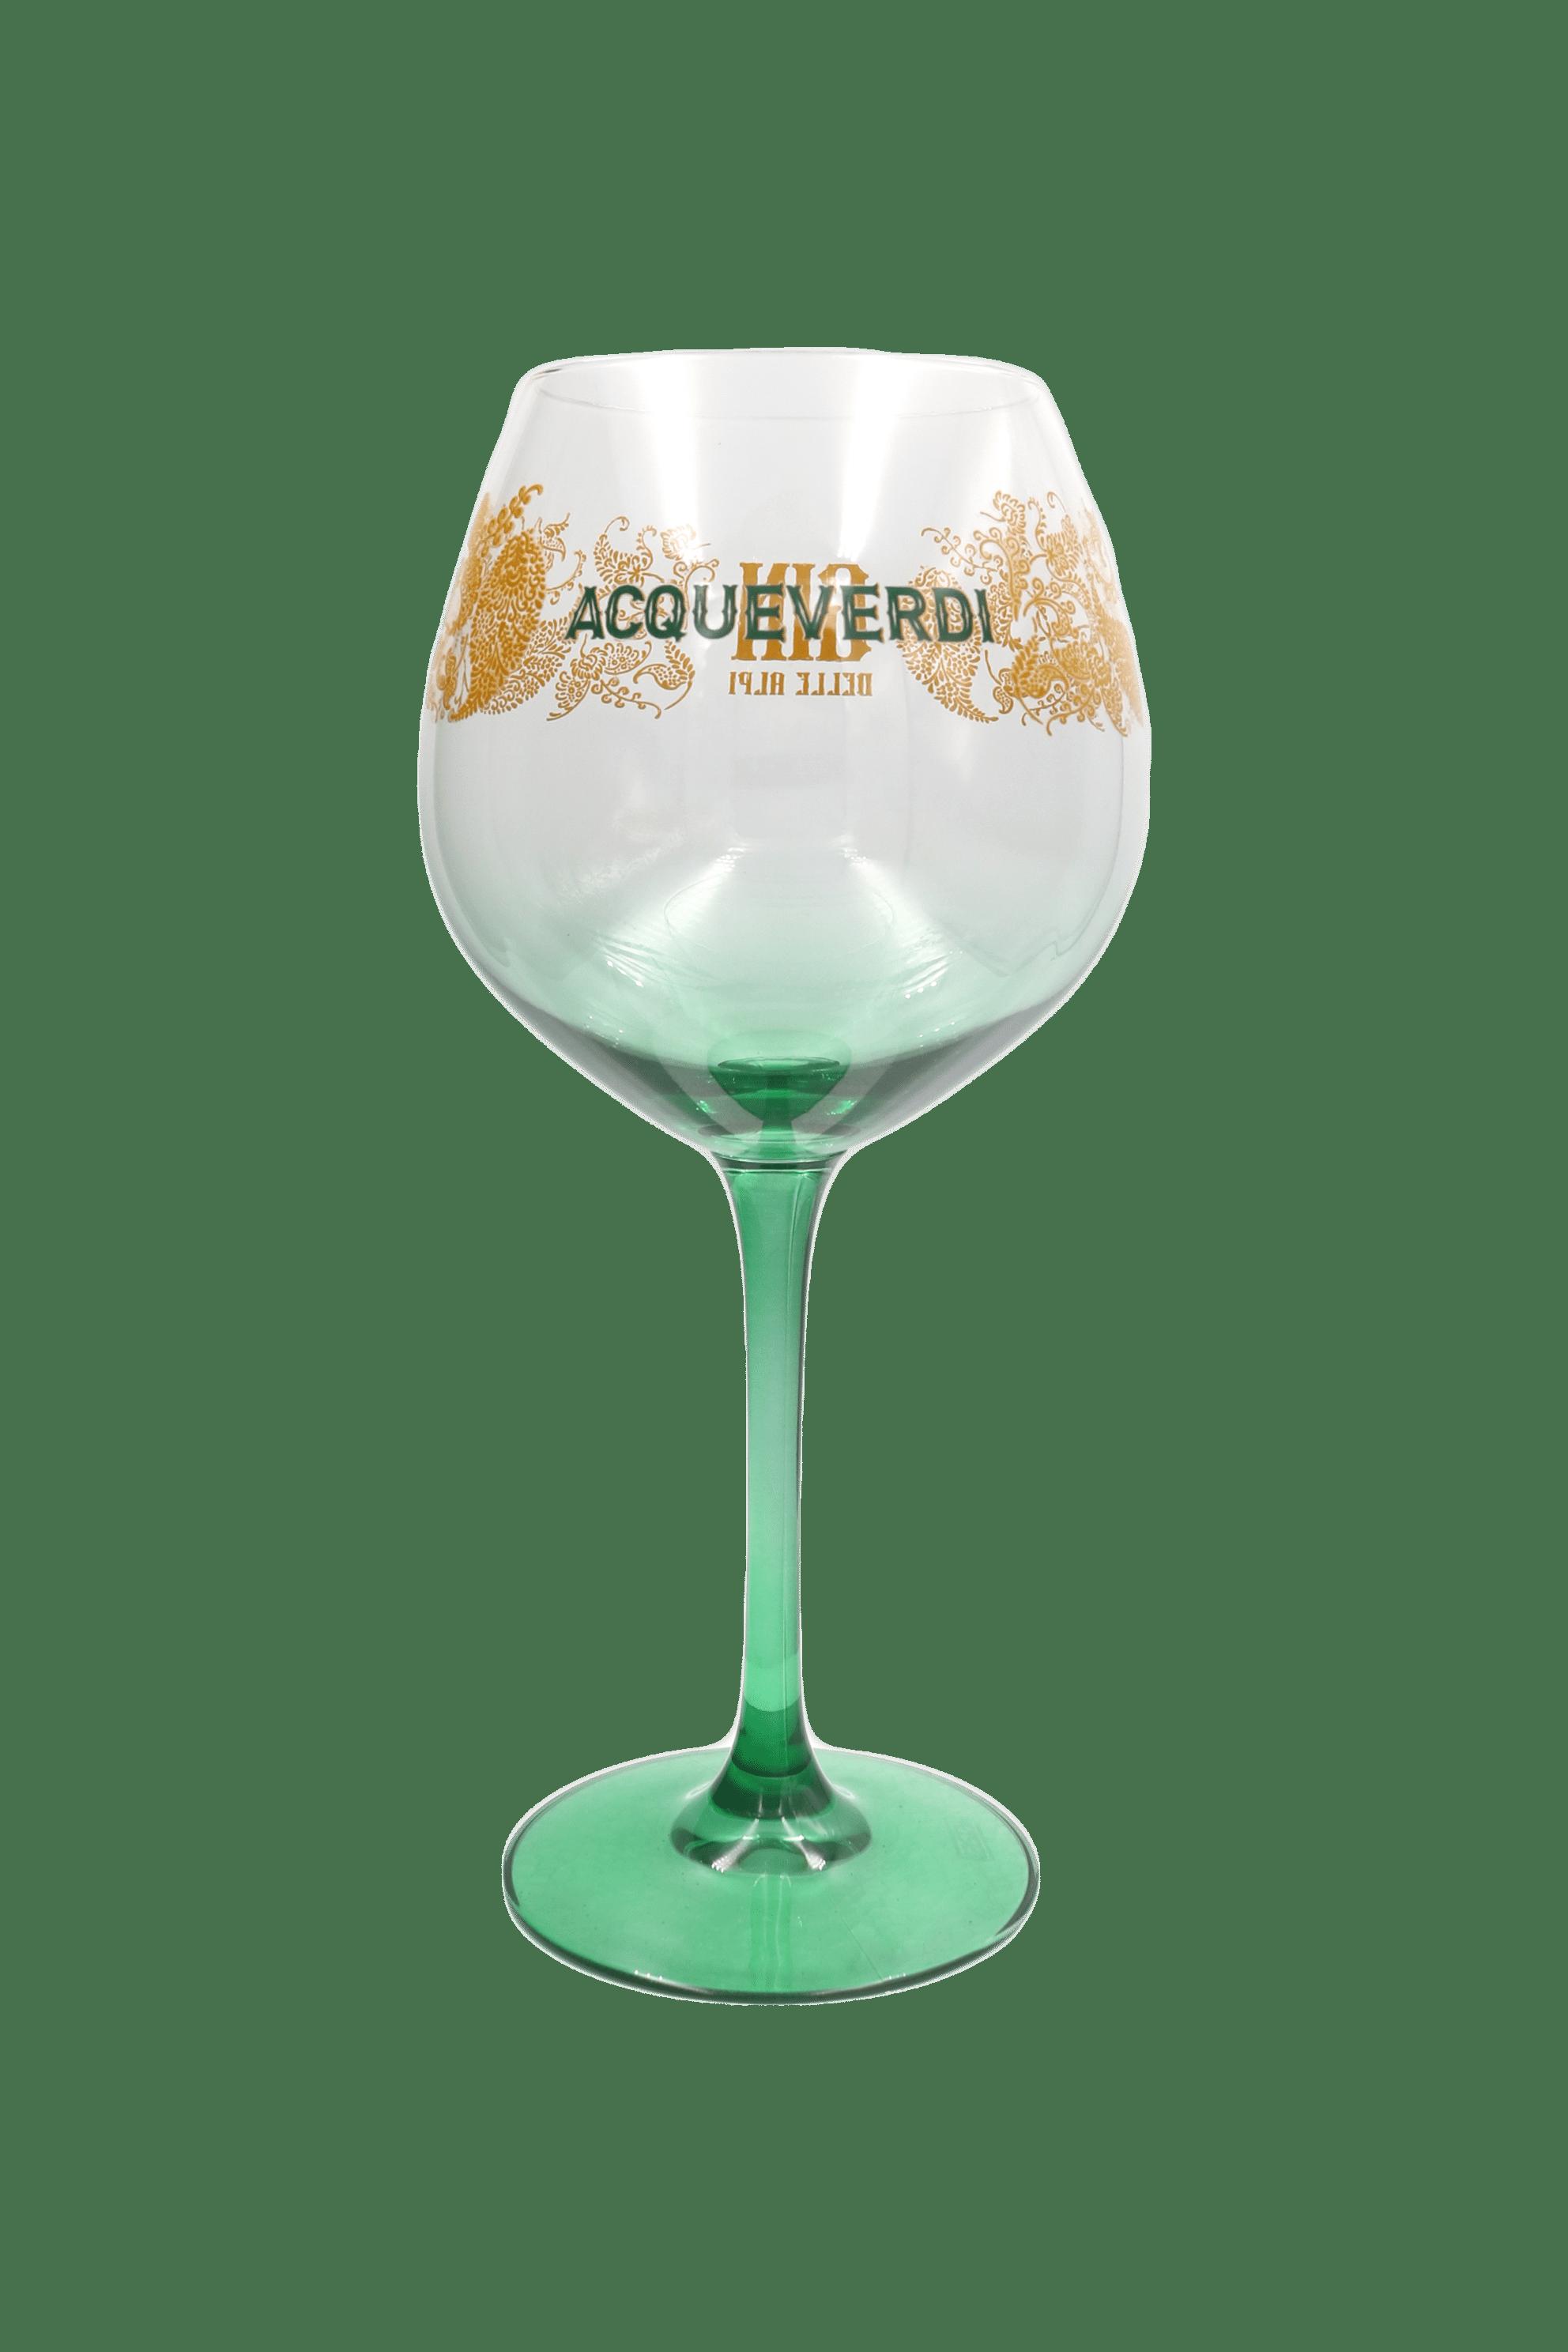 Bicchiere Acqueverdi